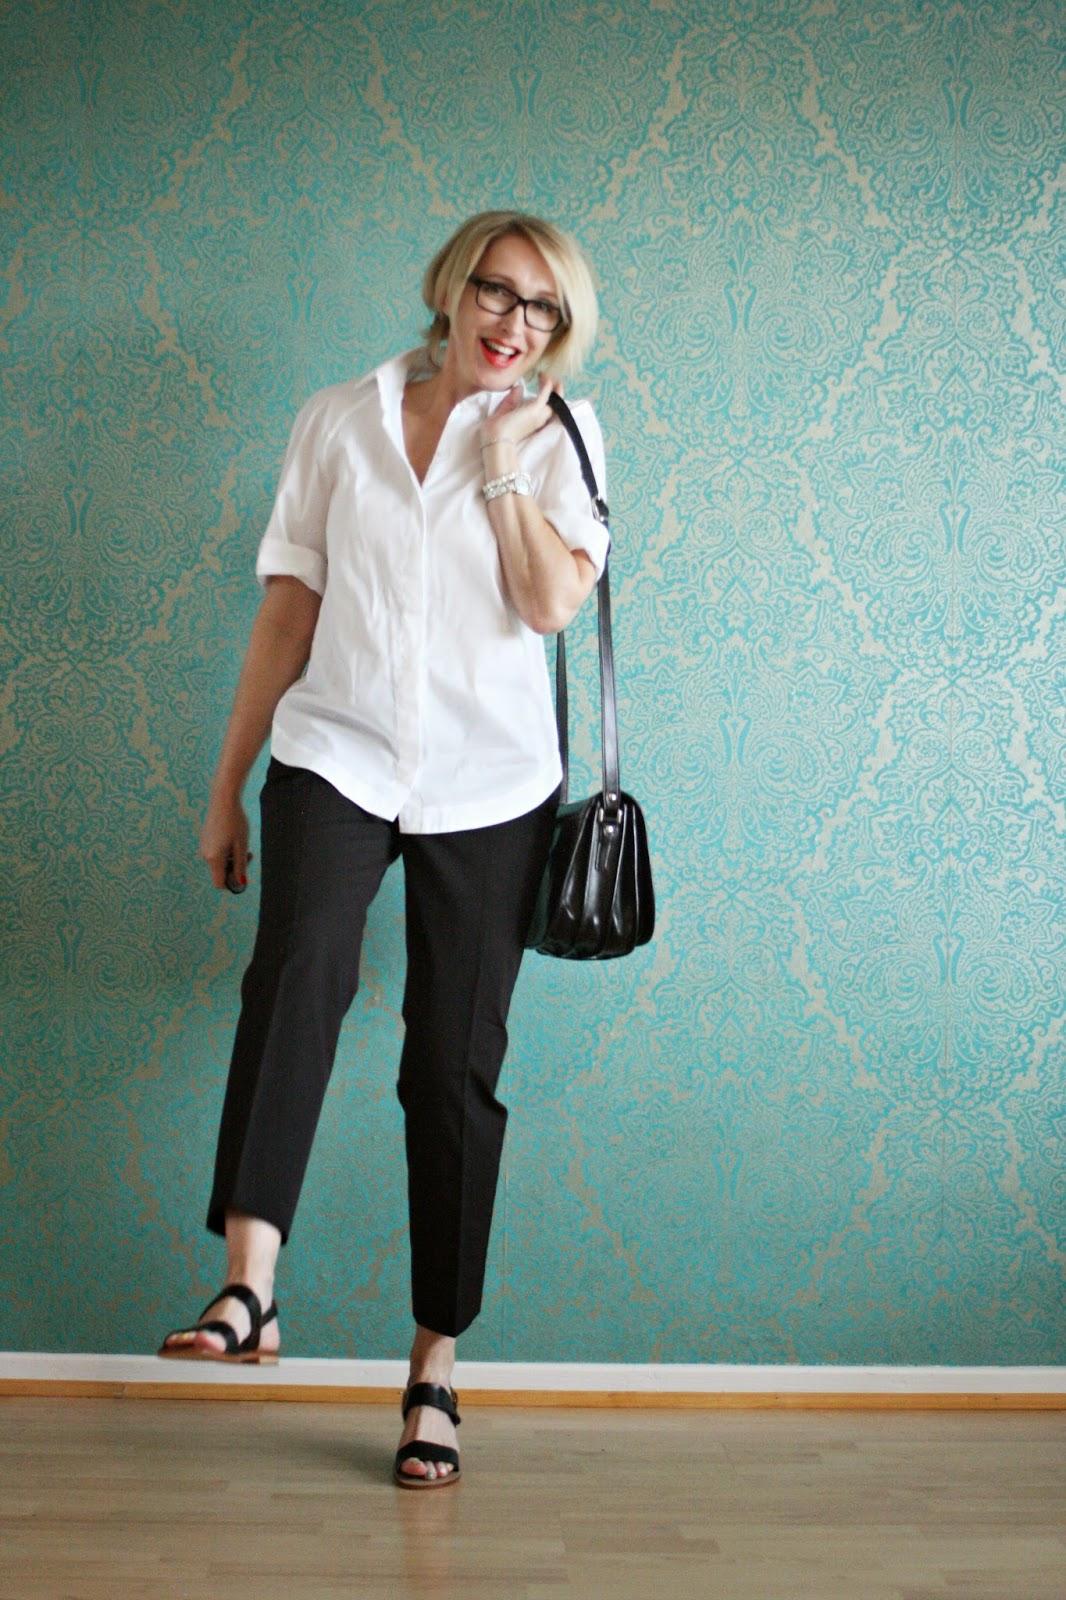 Klassisches Outfit mit weißer Bluse und schwarzer Hose